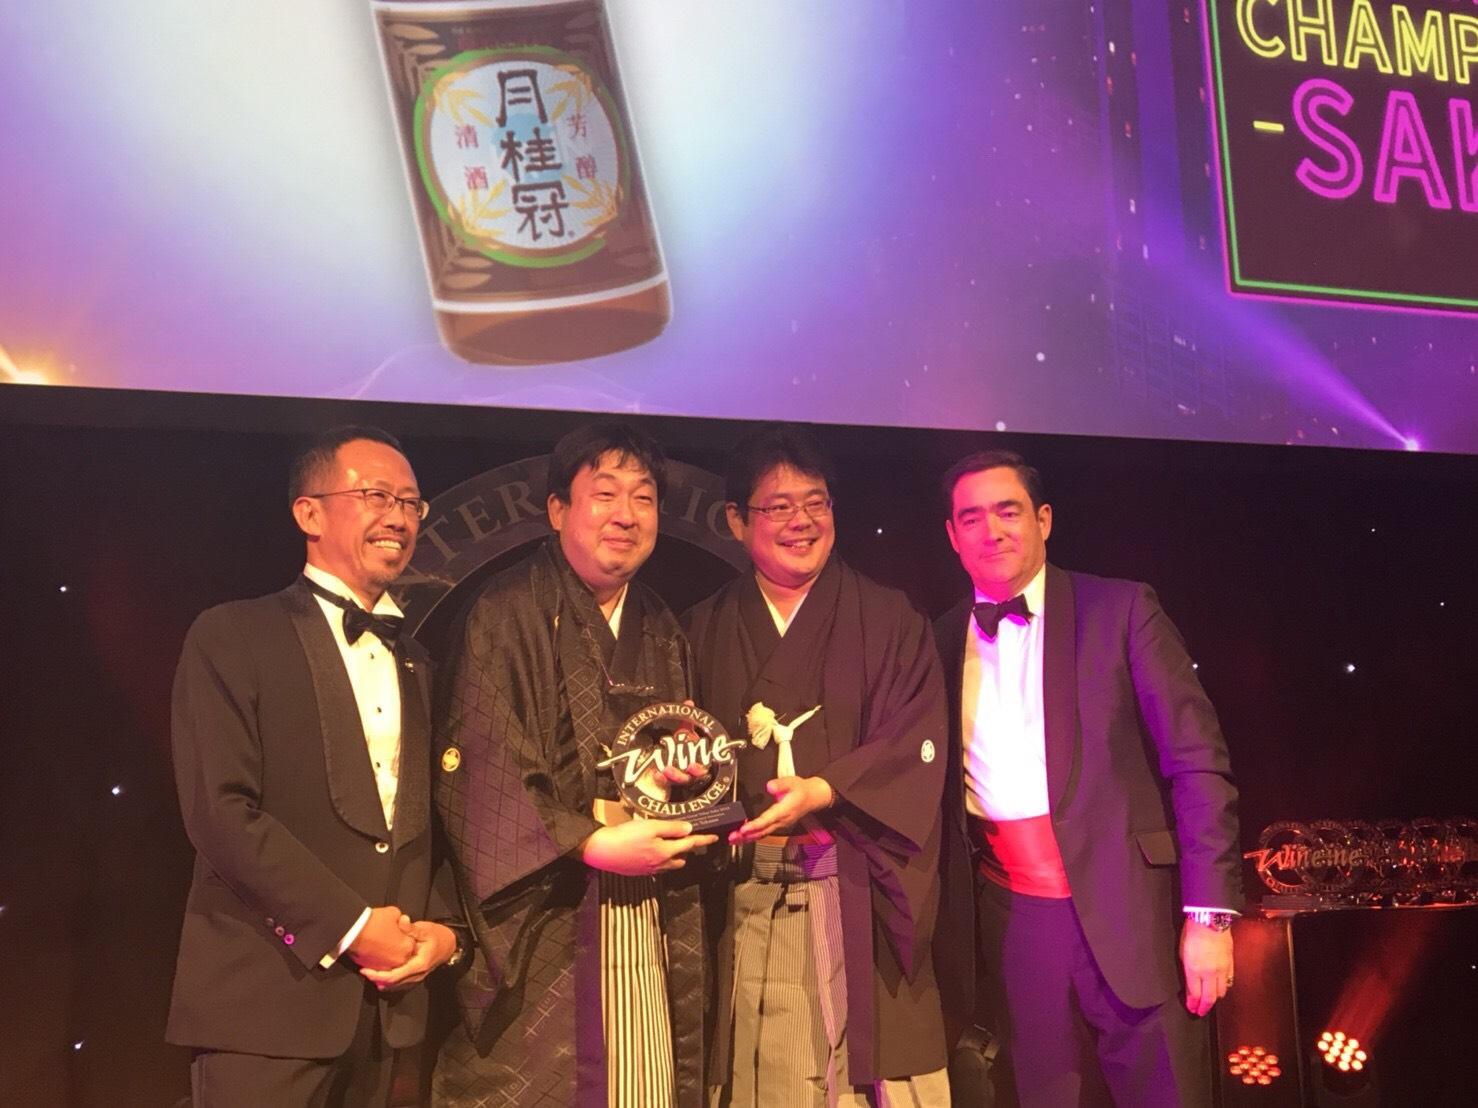 月桂冠『特撰』がIWC2018でグレートバリュー・アワードを受賞!